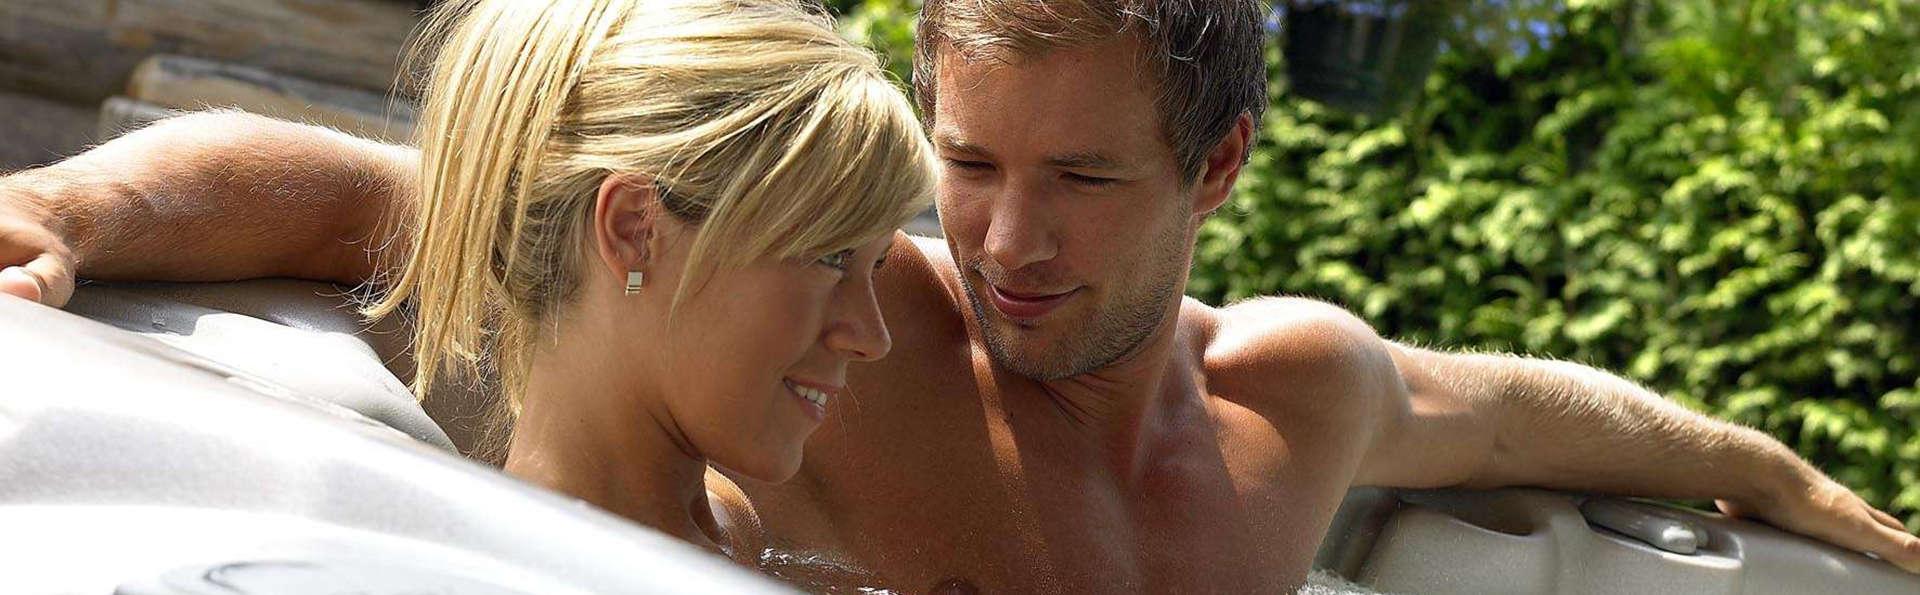 Luxueux weekend détente romantique avec cava et massage